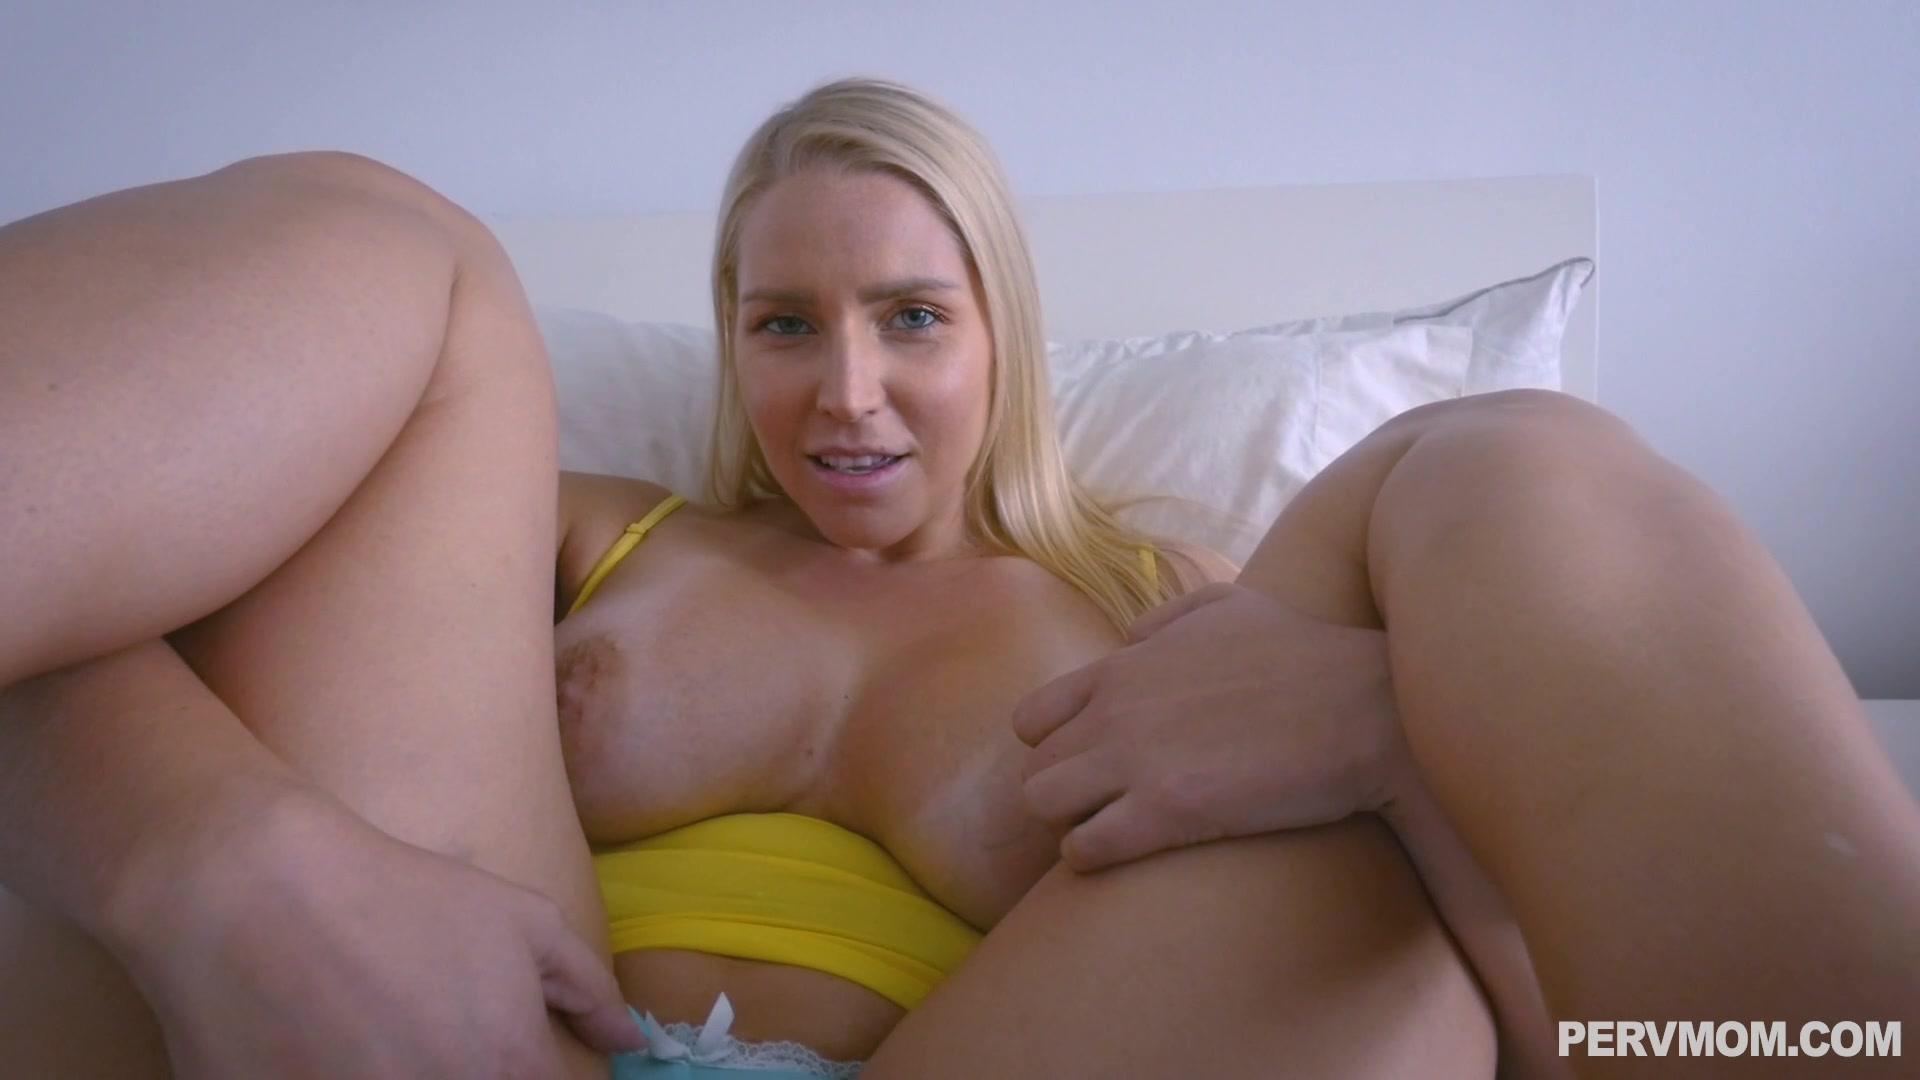 могу лучшее порно с участием молодой жжот)))) это случайно подожгли